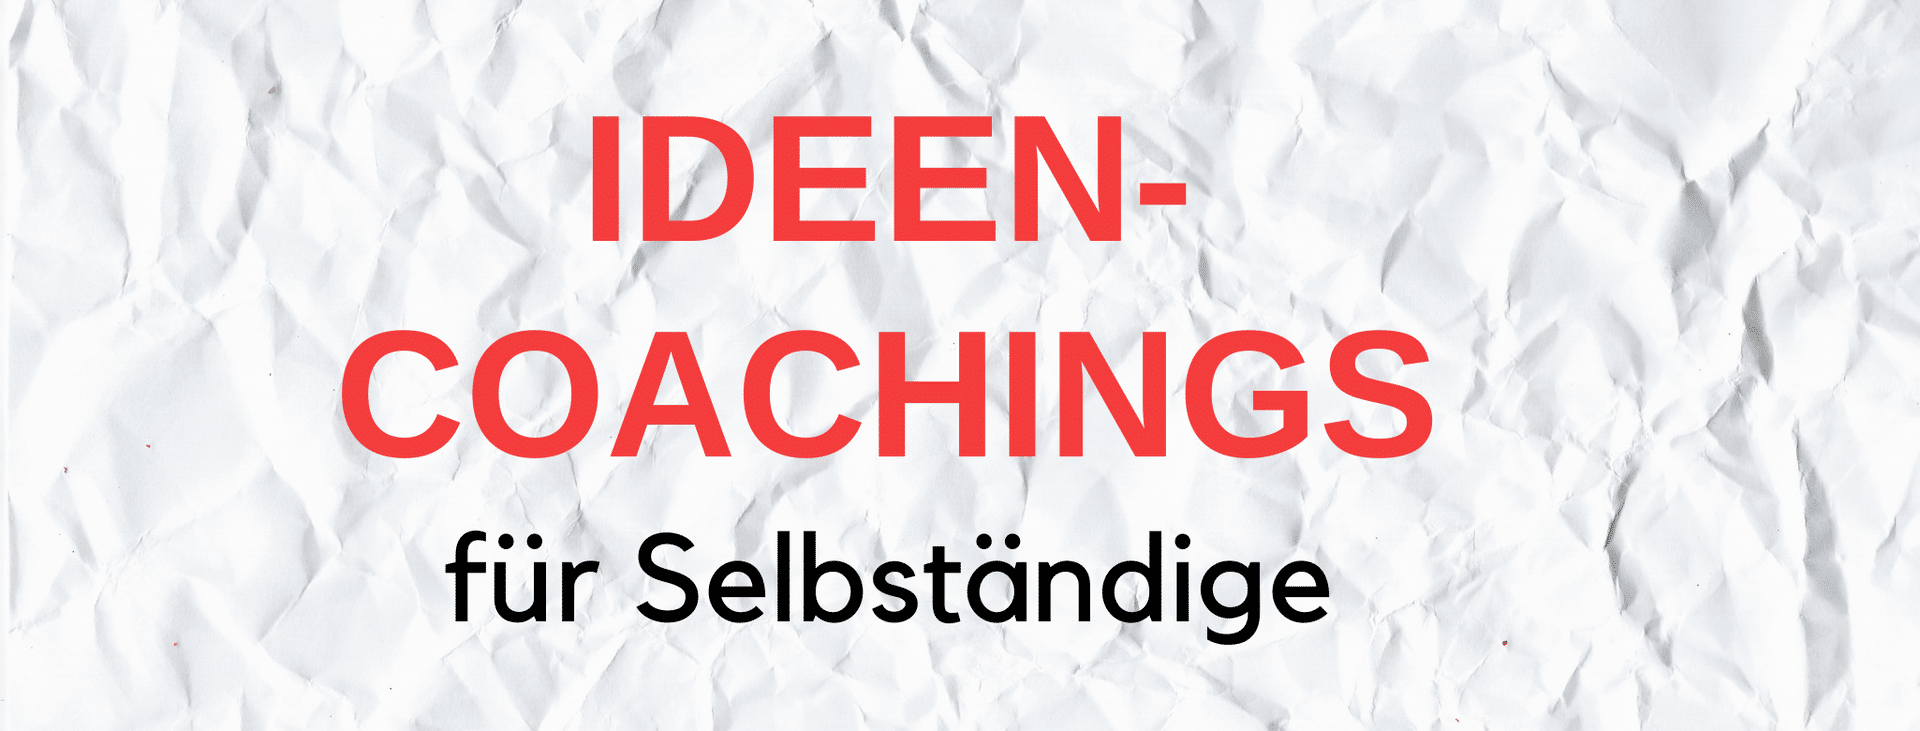 Ideen-coachings-fuer-selbststaendige